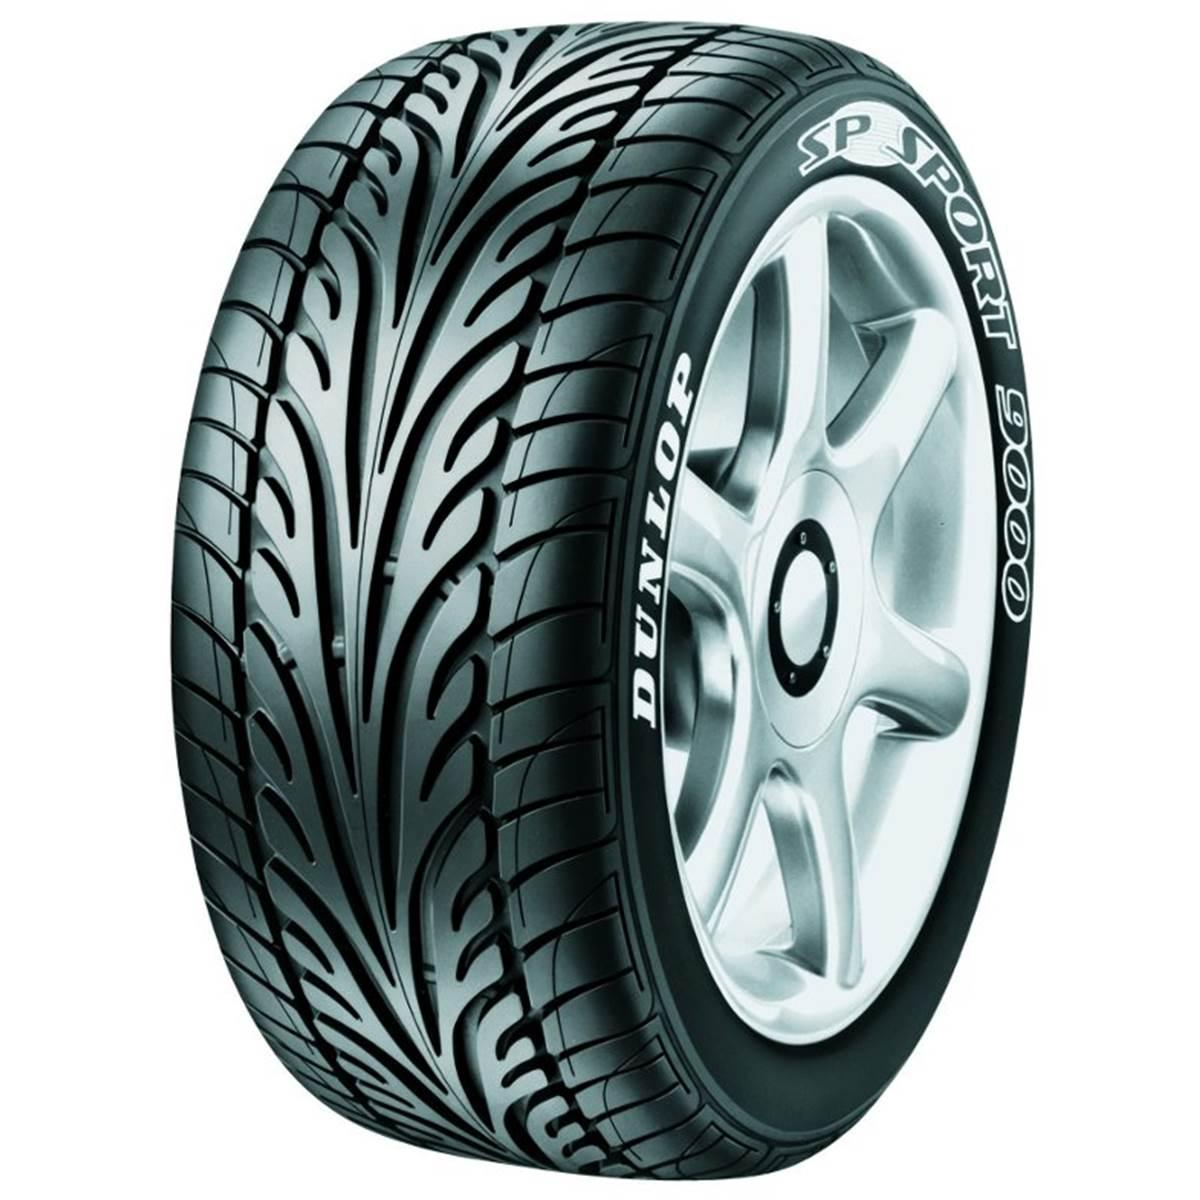 dunlop sp sport 9000 achat de pneus dunlop sp sport 9000 pas cher comparer les prix du pneu. Black Bedroom Furniture Sets. Home Design Ideas